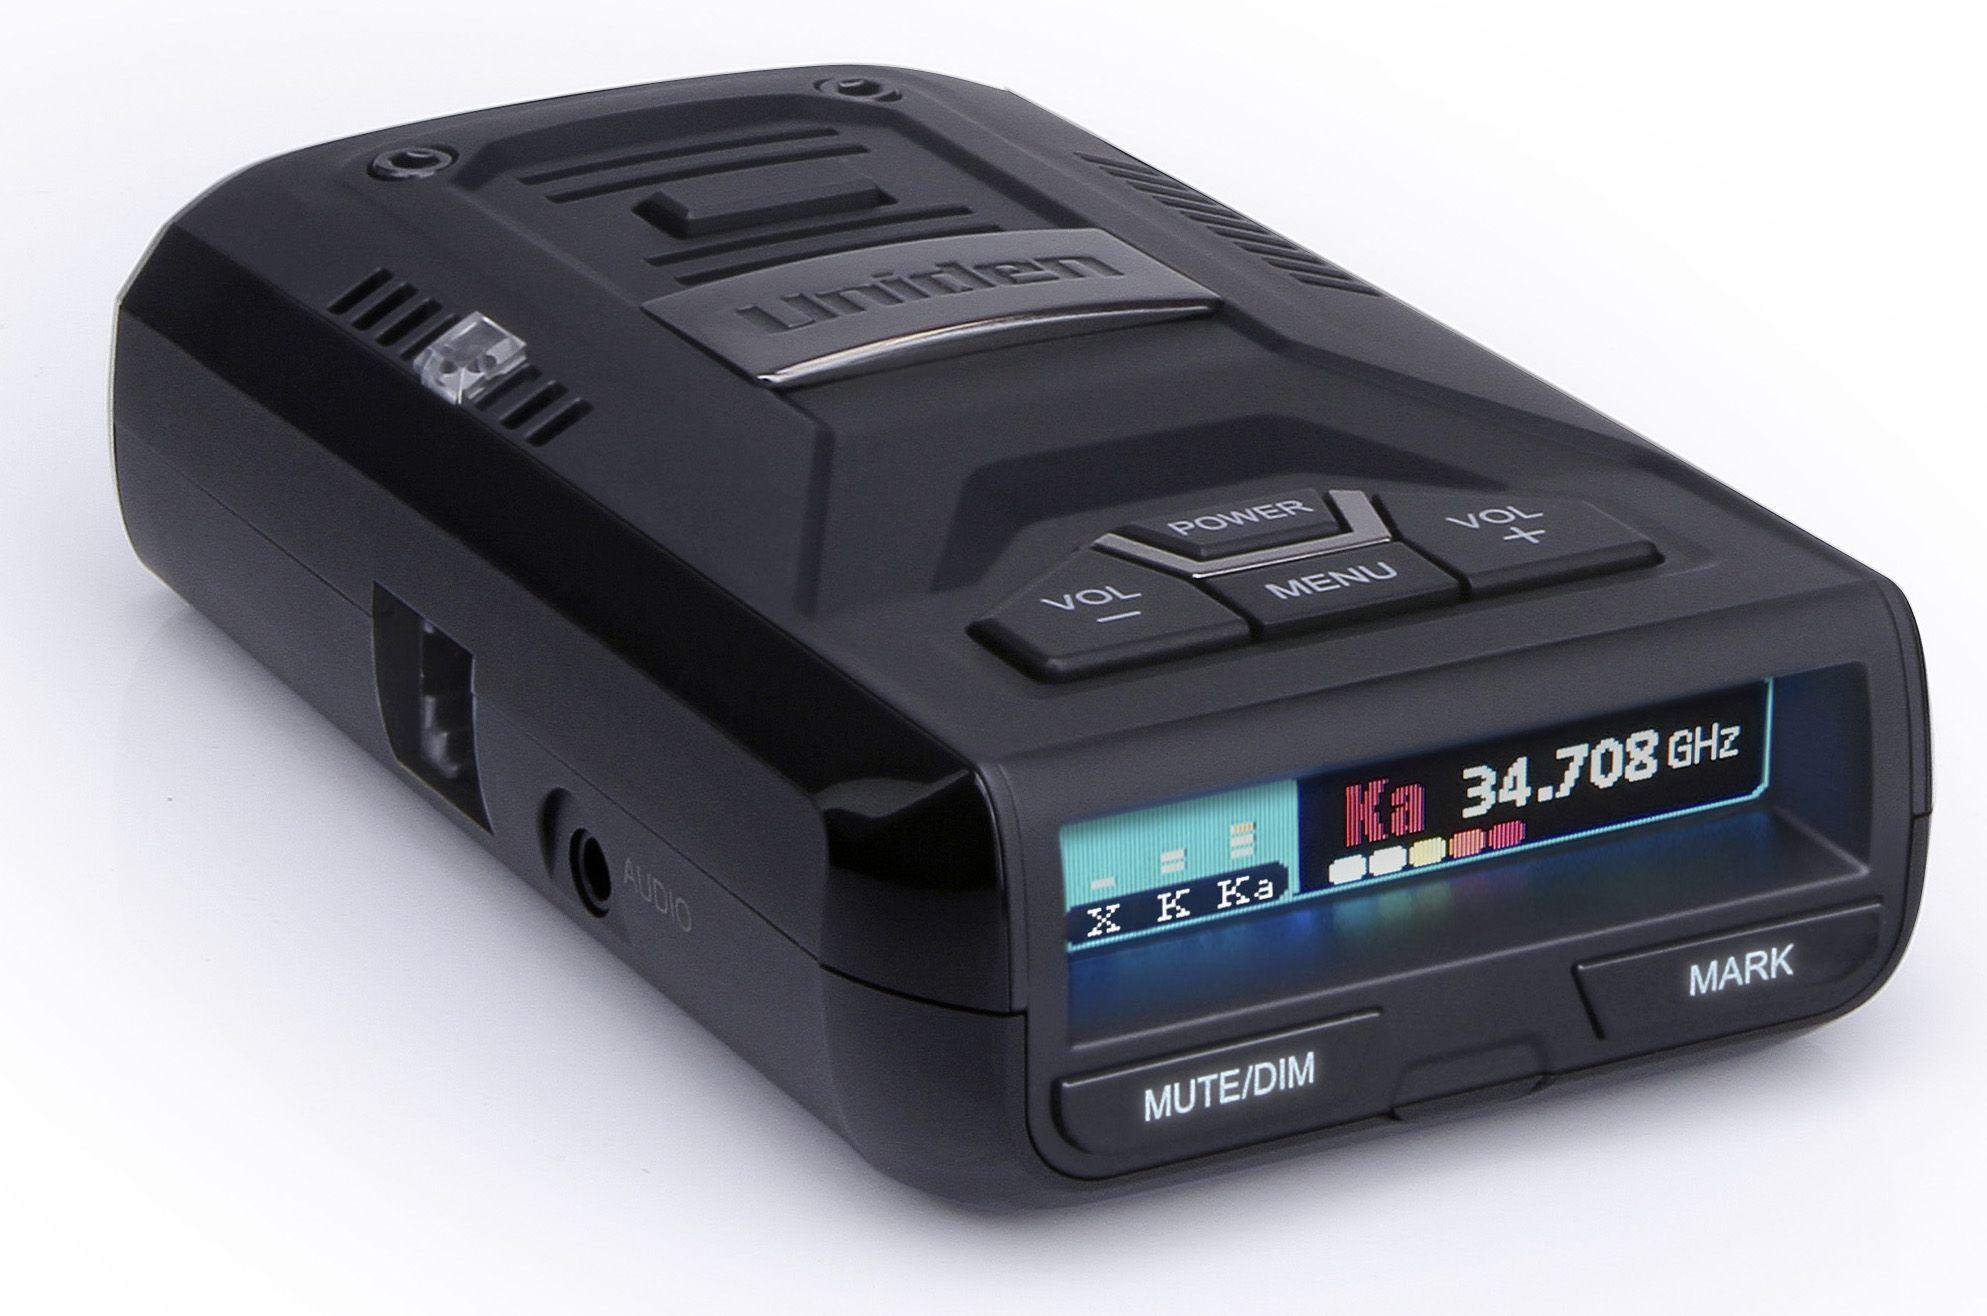 Uniden R3 Gps Enabled Extreme Range Radar Laser Detector From Best Radar Detectors Radar Detector Red Light Camera Detector